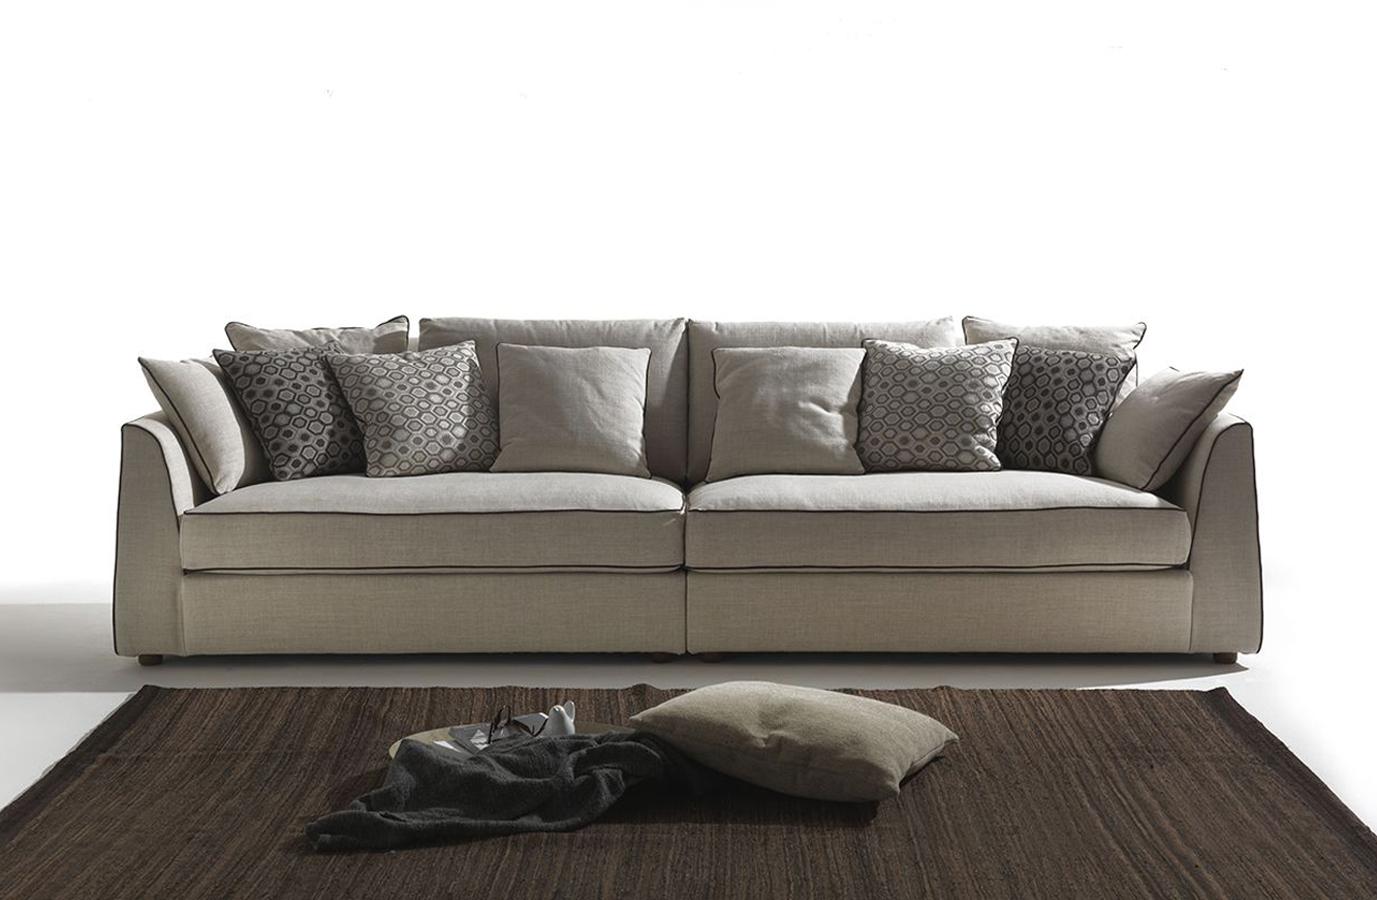 Divani e poltrone righetti mobili novara - Divano e divano ...